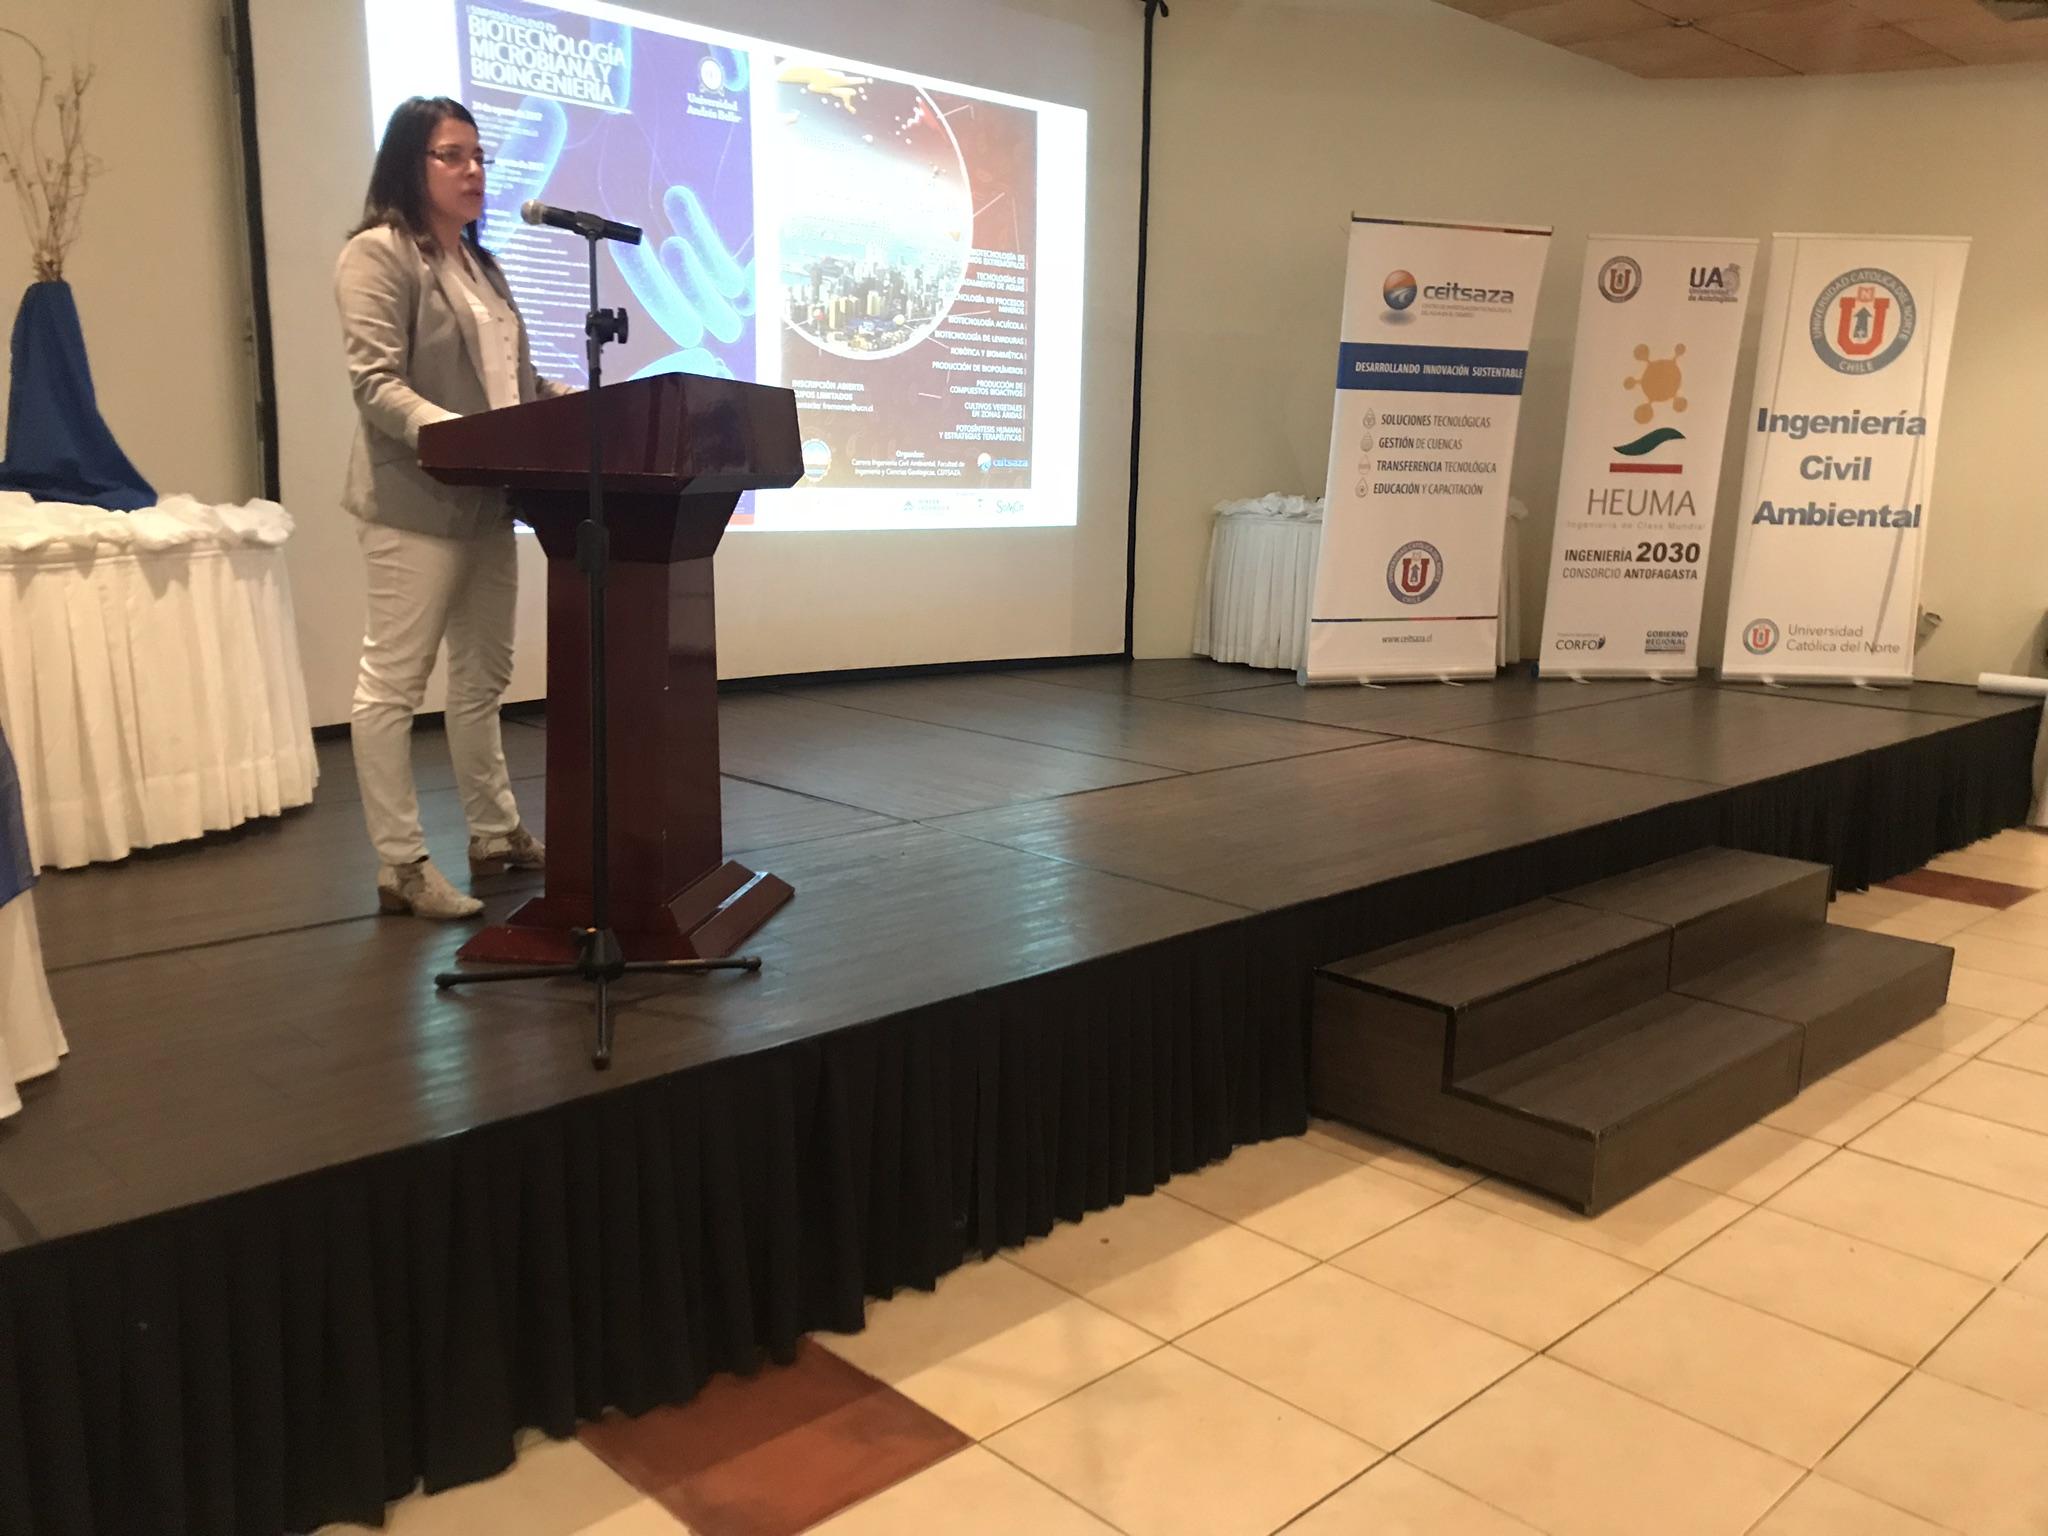 Antofagasta congregó a expertos en biotecnología microbiana y bioingeniería de todo Chile